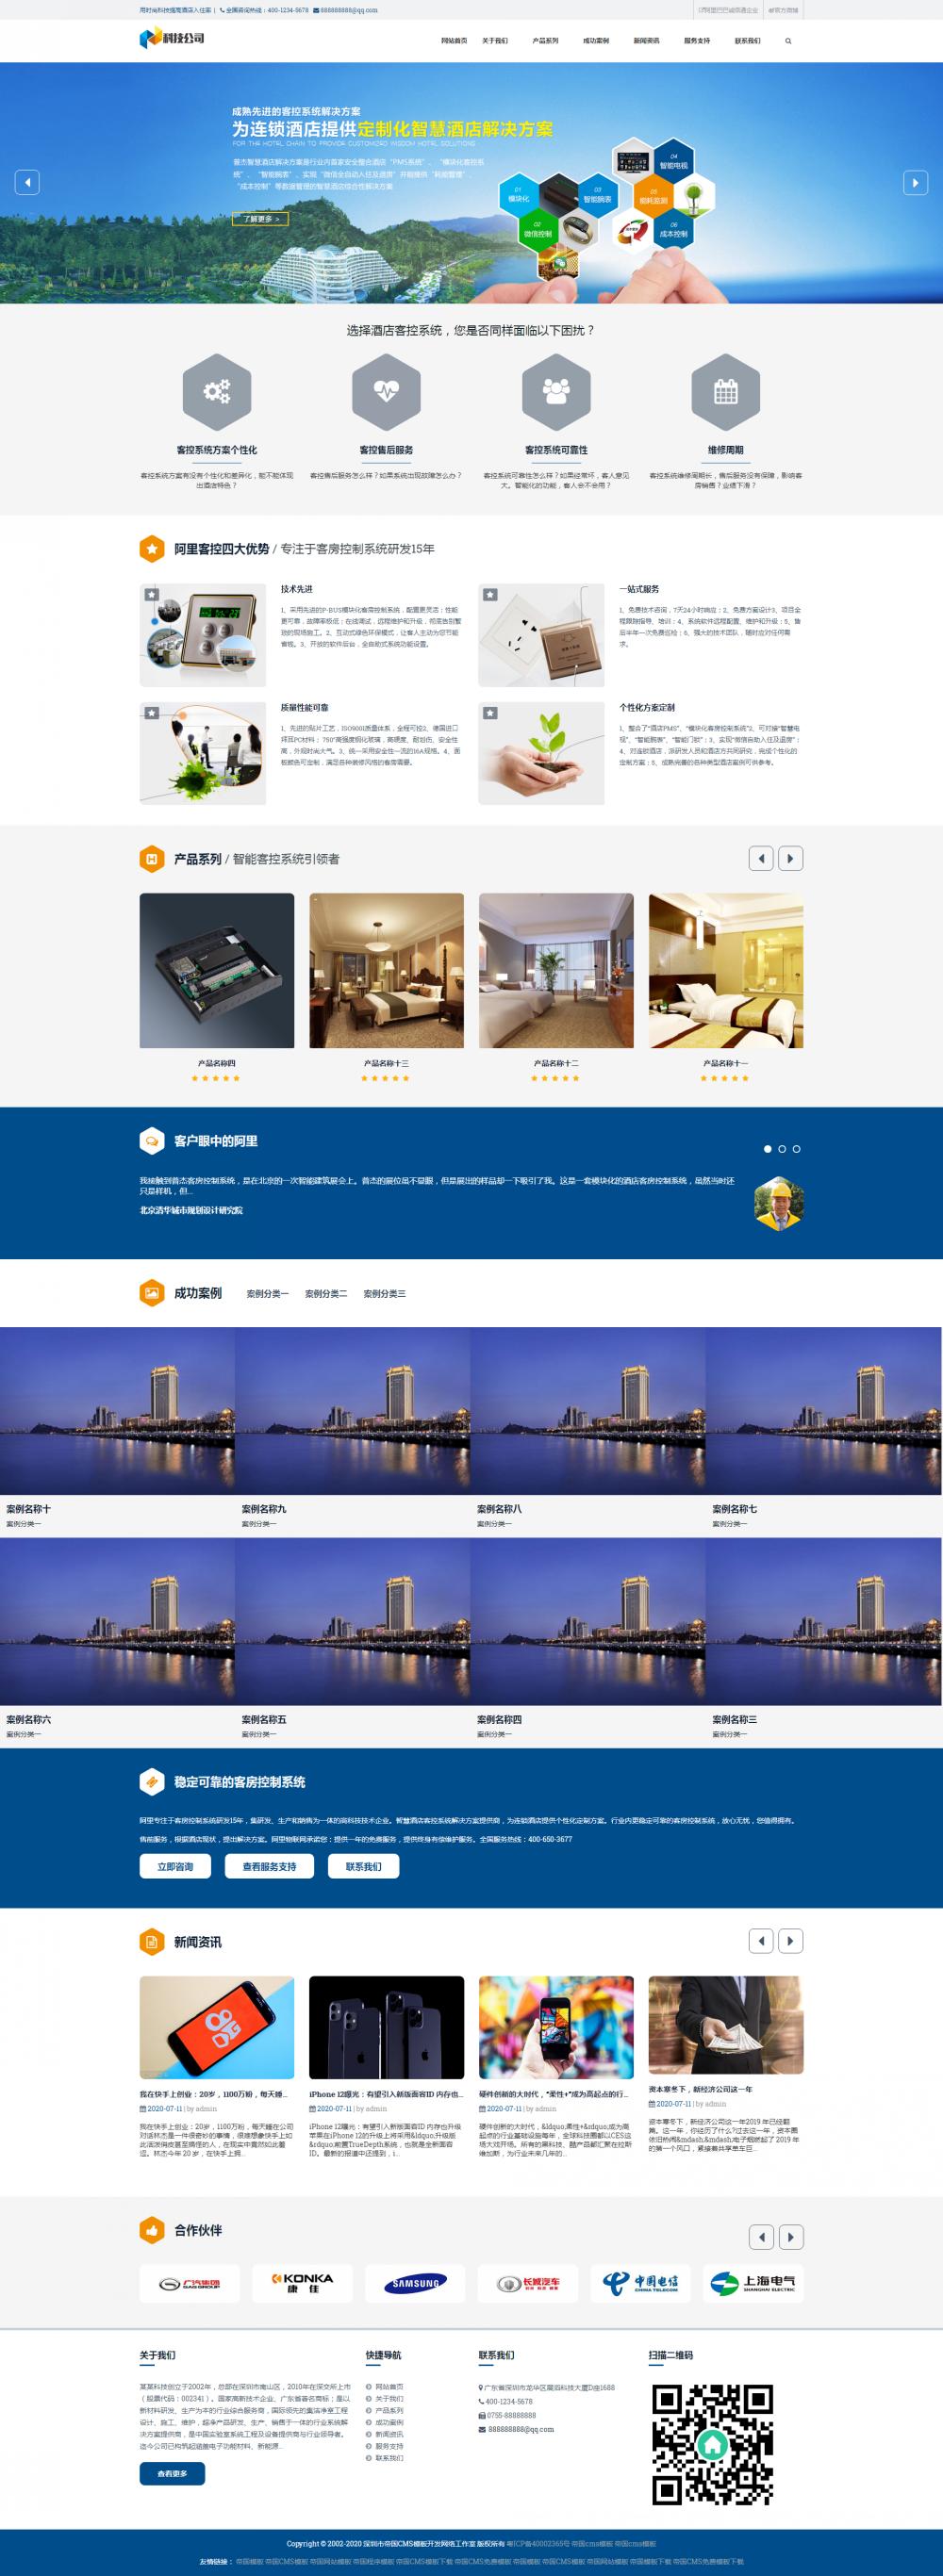 1网站首页.png [DG-118]响应式科技智能产品类帝国cms模板 HTML5AI智能科技网站源码 企业模板 第1张